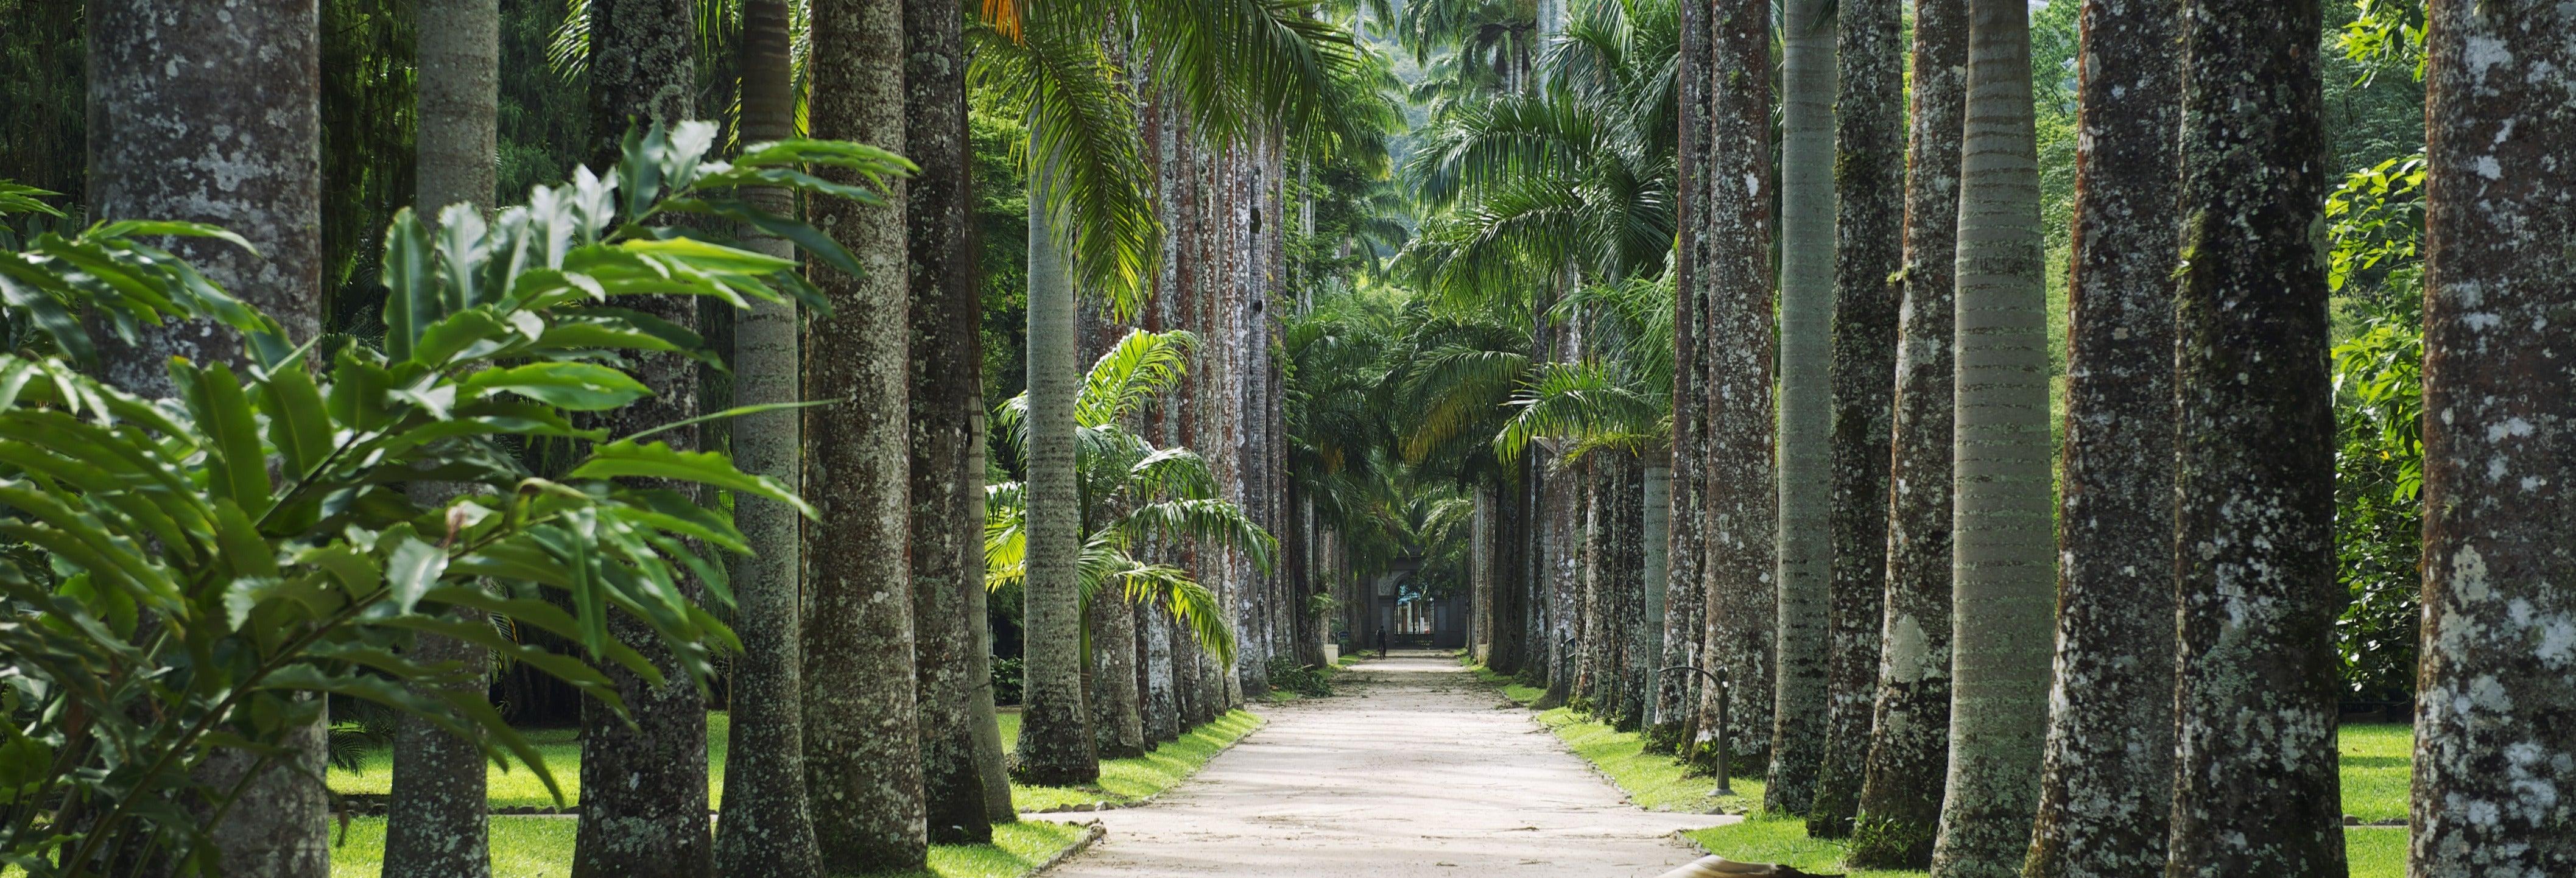 Visita guiada por el jardín botánico